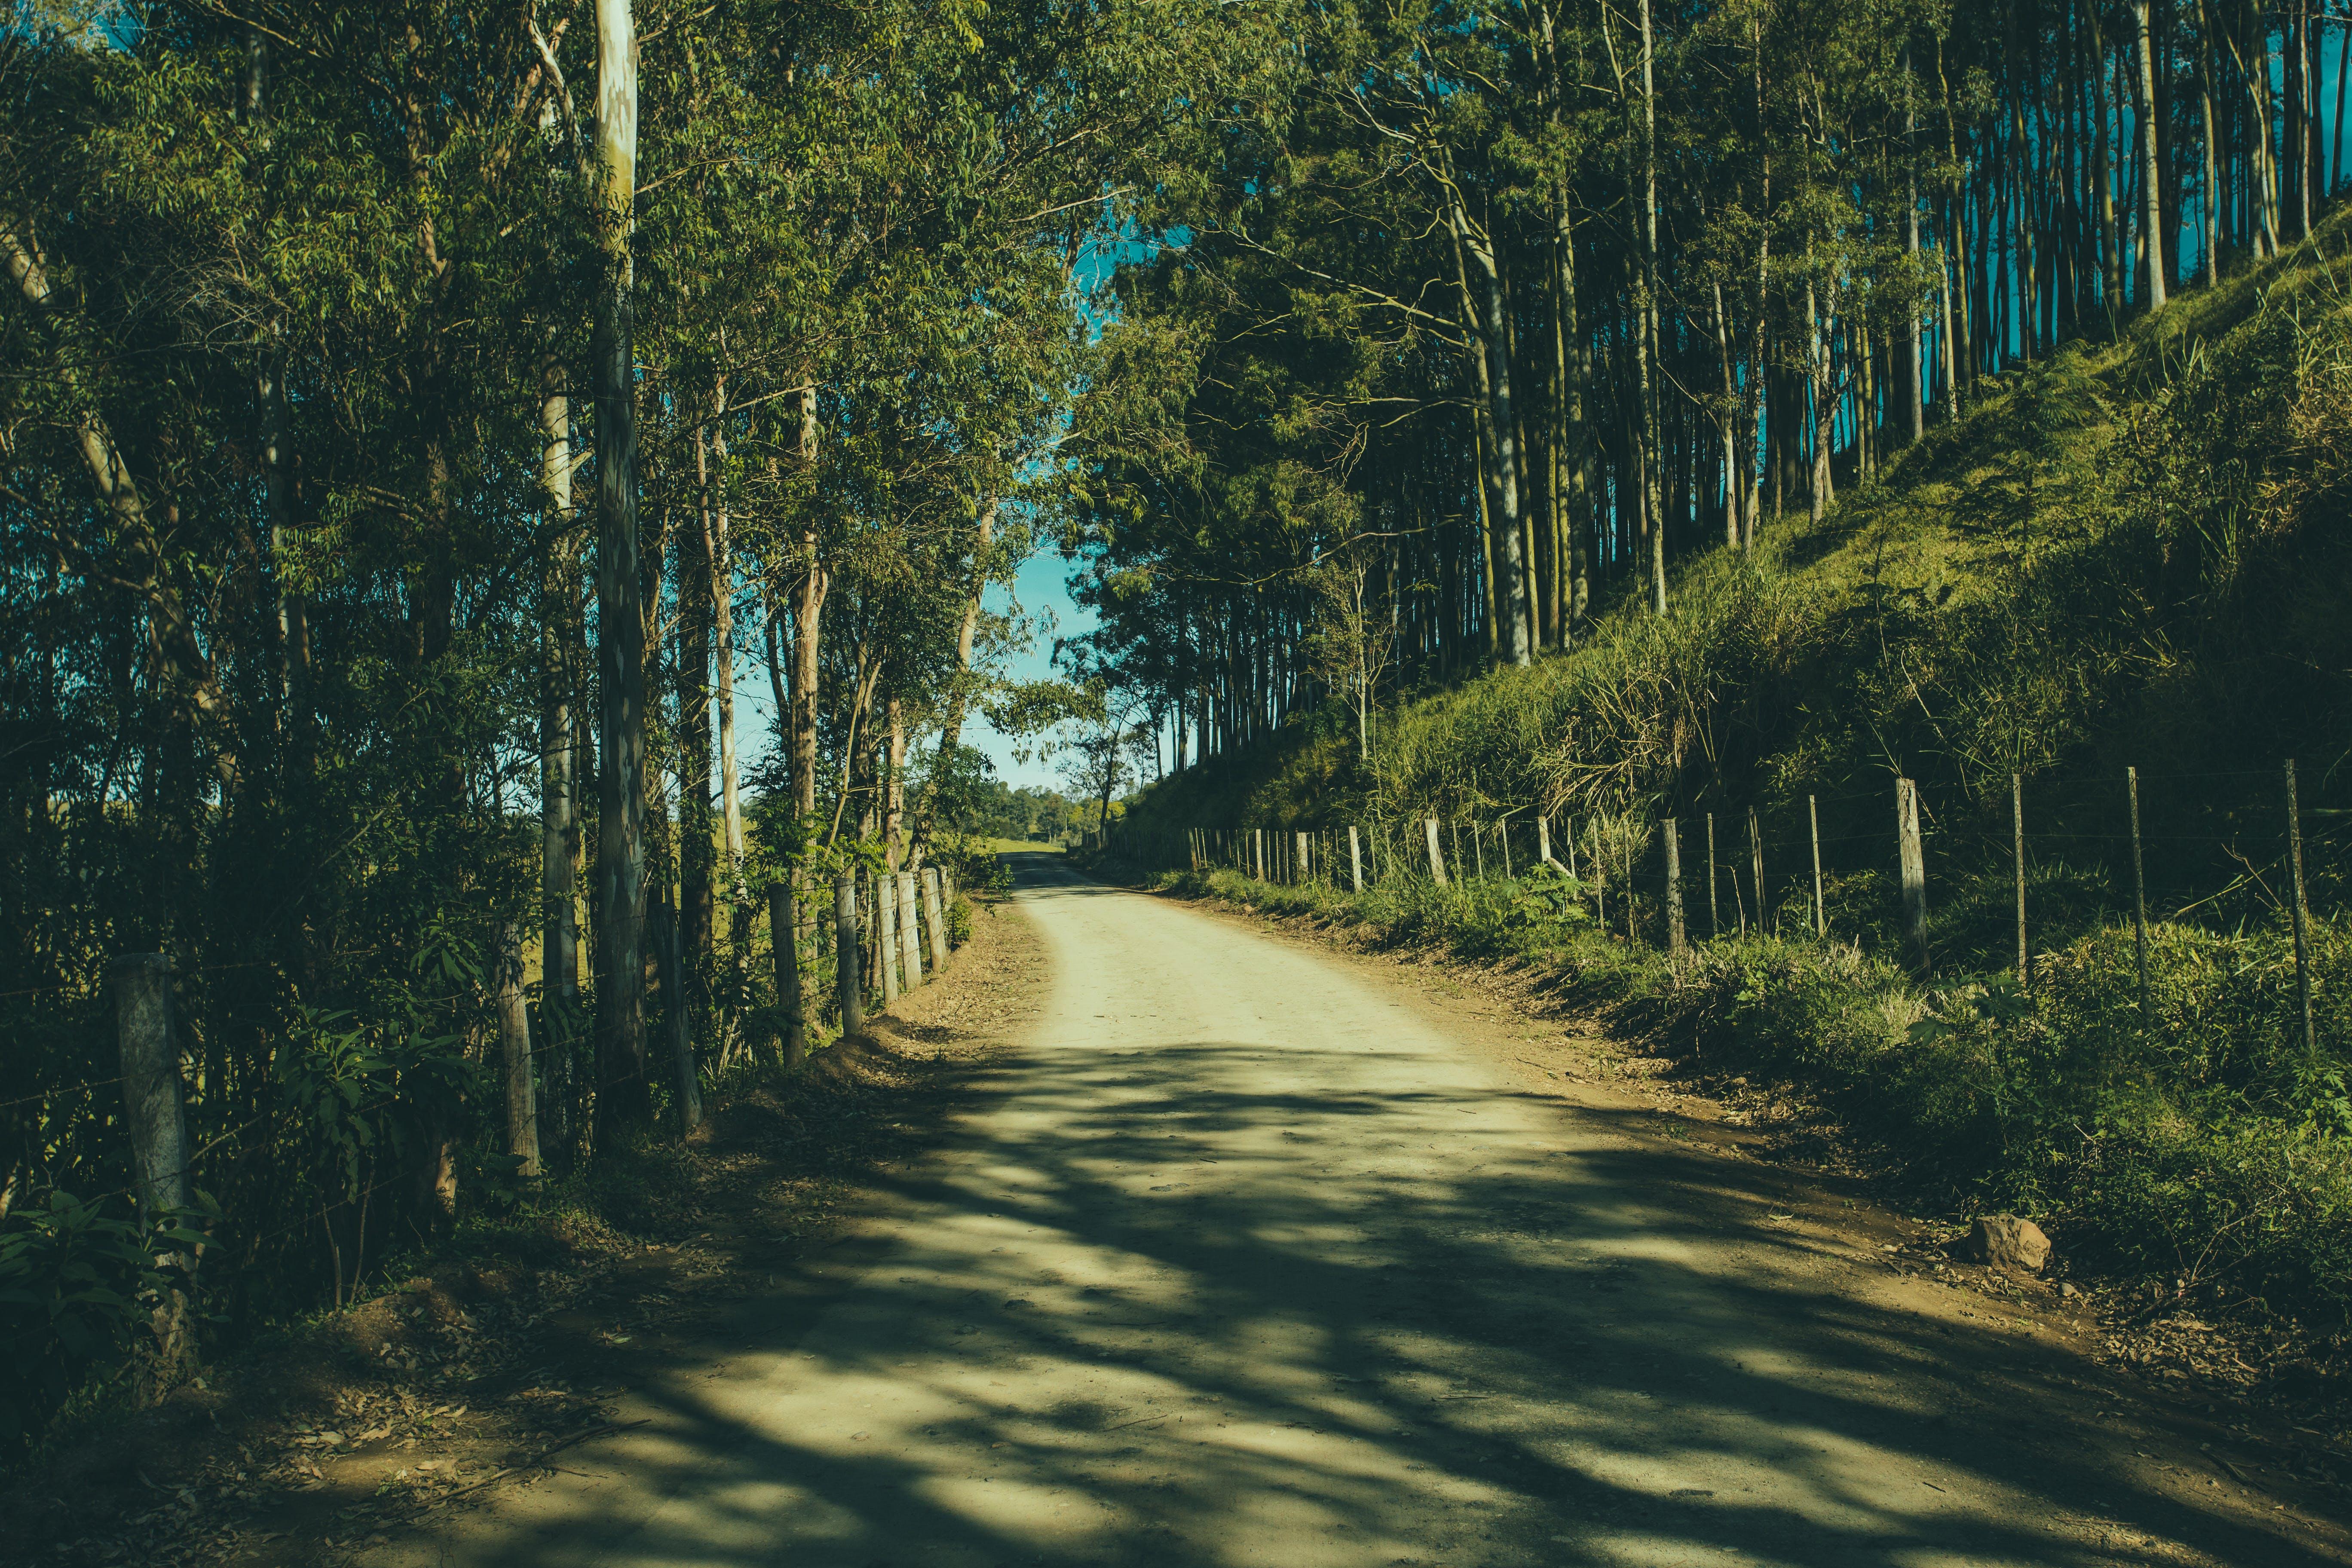 나무, 도로, 비포장 도로